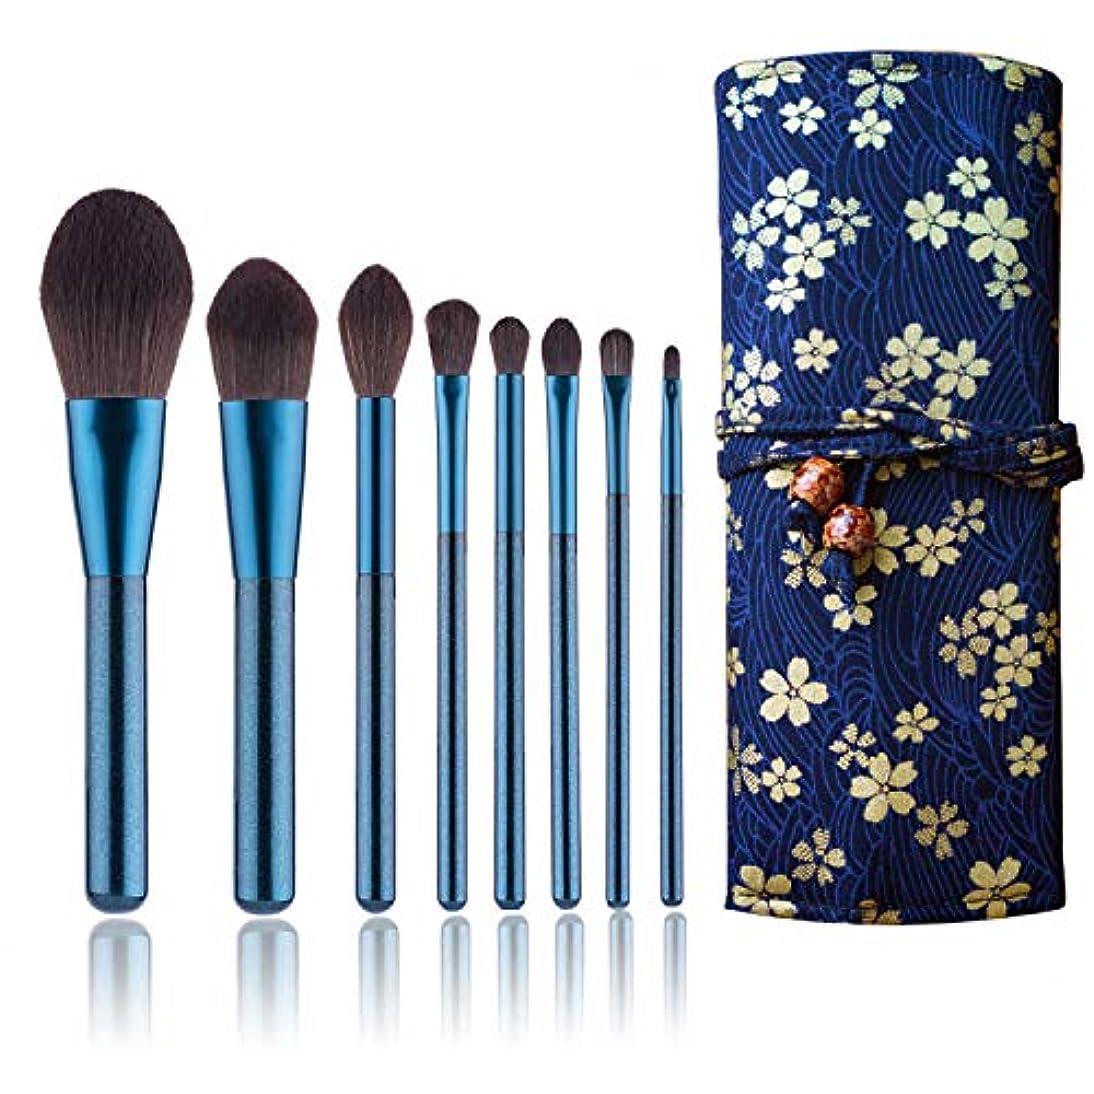 薬を飲む包帯入植者ZOE·Y メイクブラシ 8本セット 化粧ブラシ 柔らかい 化粧筆 可愛い 化粧ポーチ付き 携帯便利 誕生日プレゼントゃギフトにもおすすめ makeup brushes